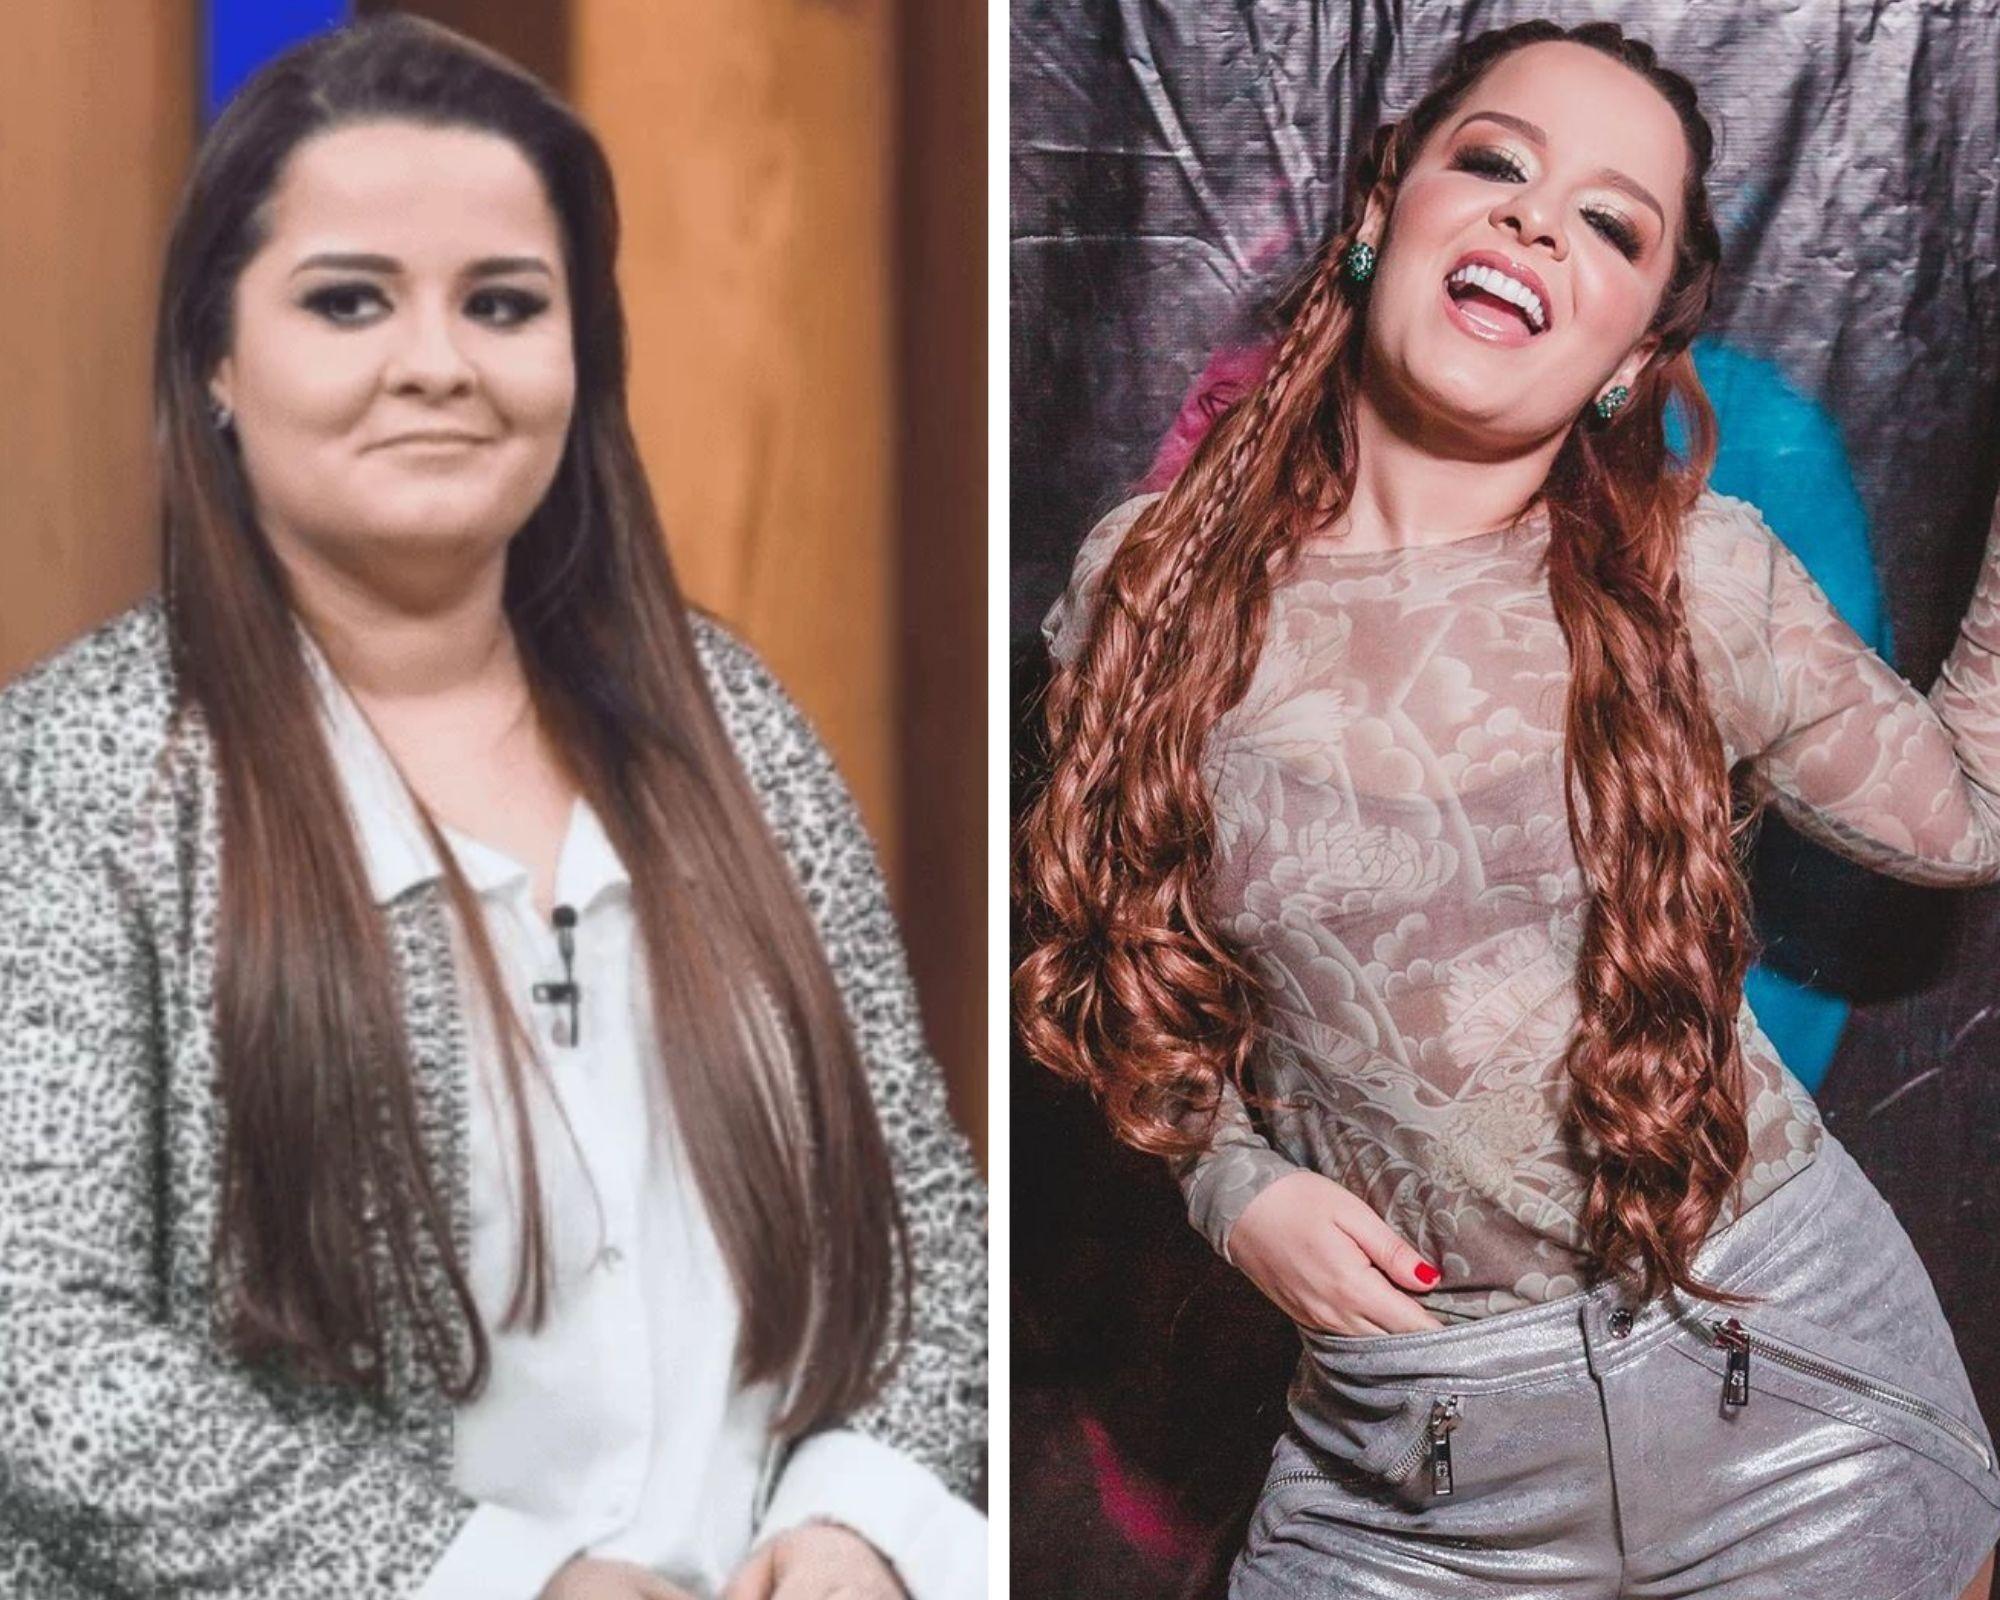 Veja antes e depois de 6 famosos que fizeram cirurgia para emagrecer